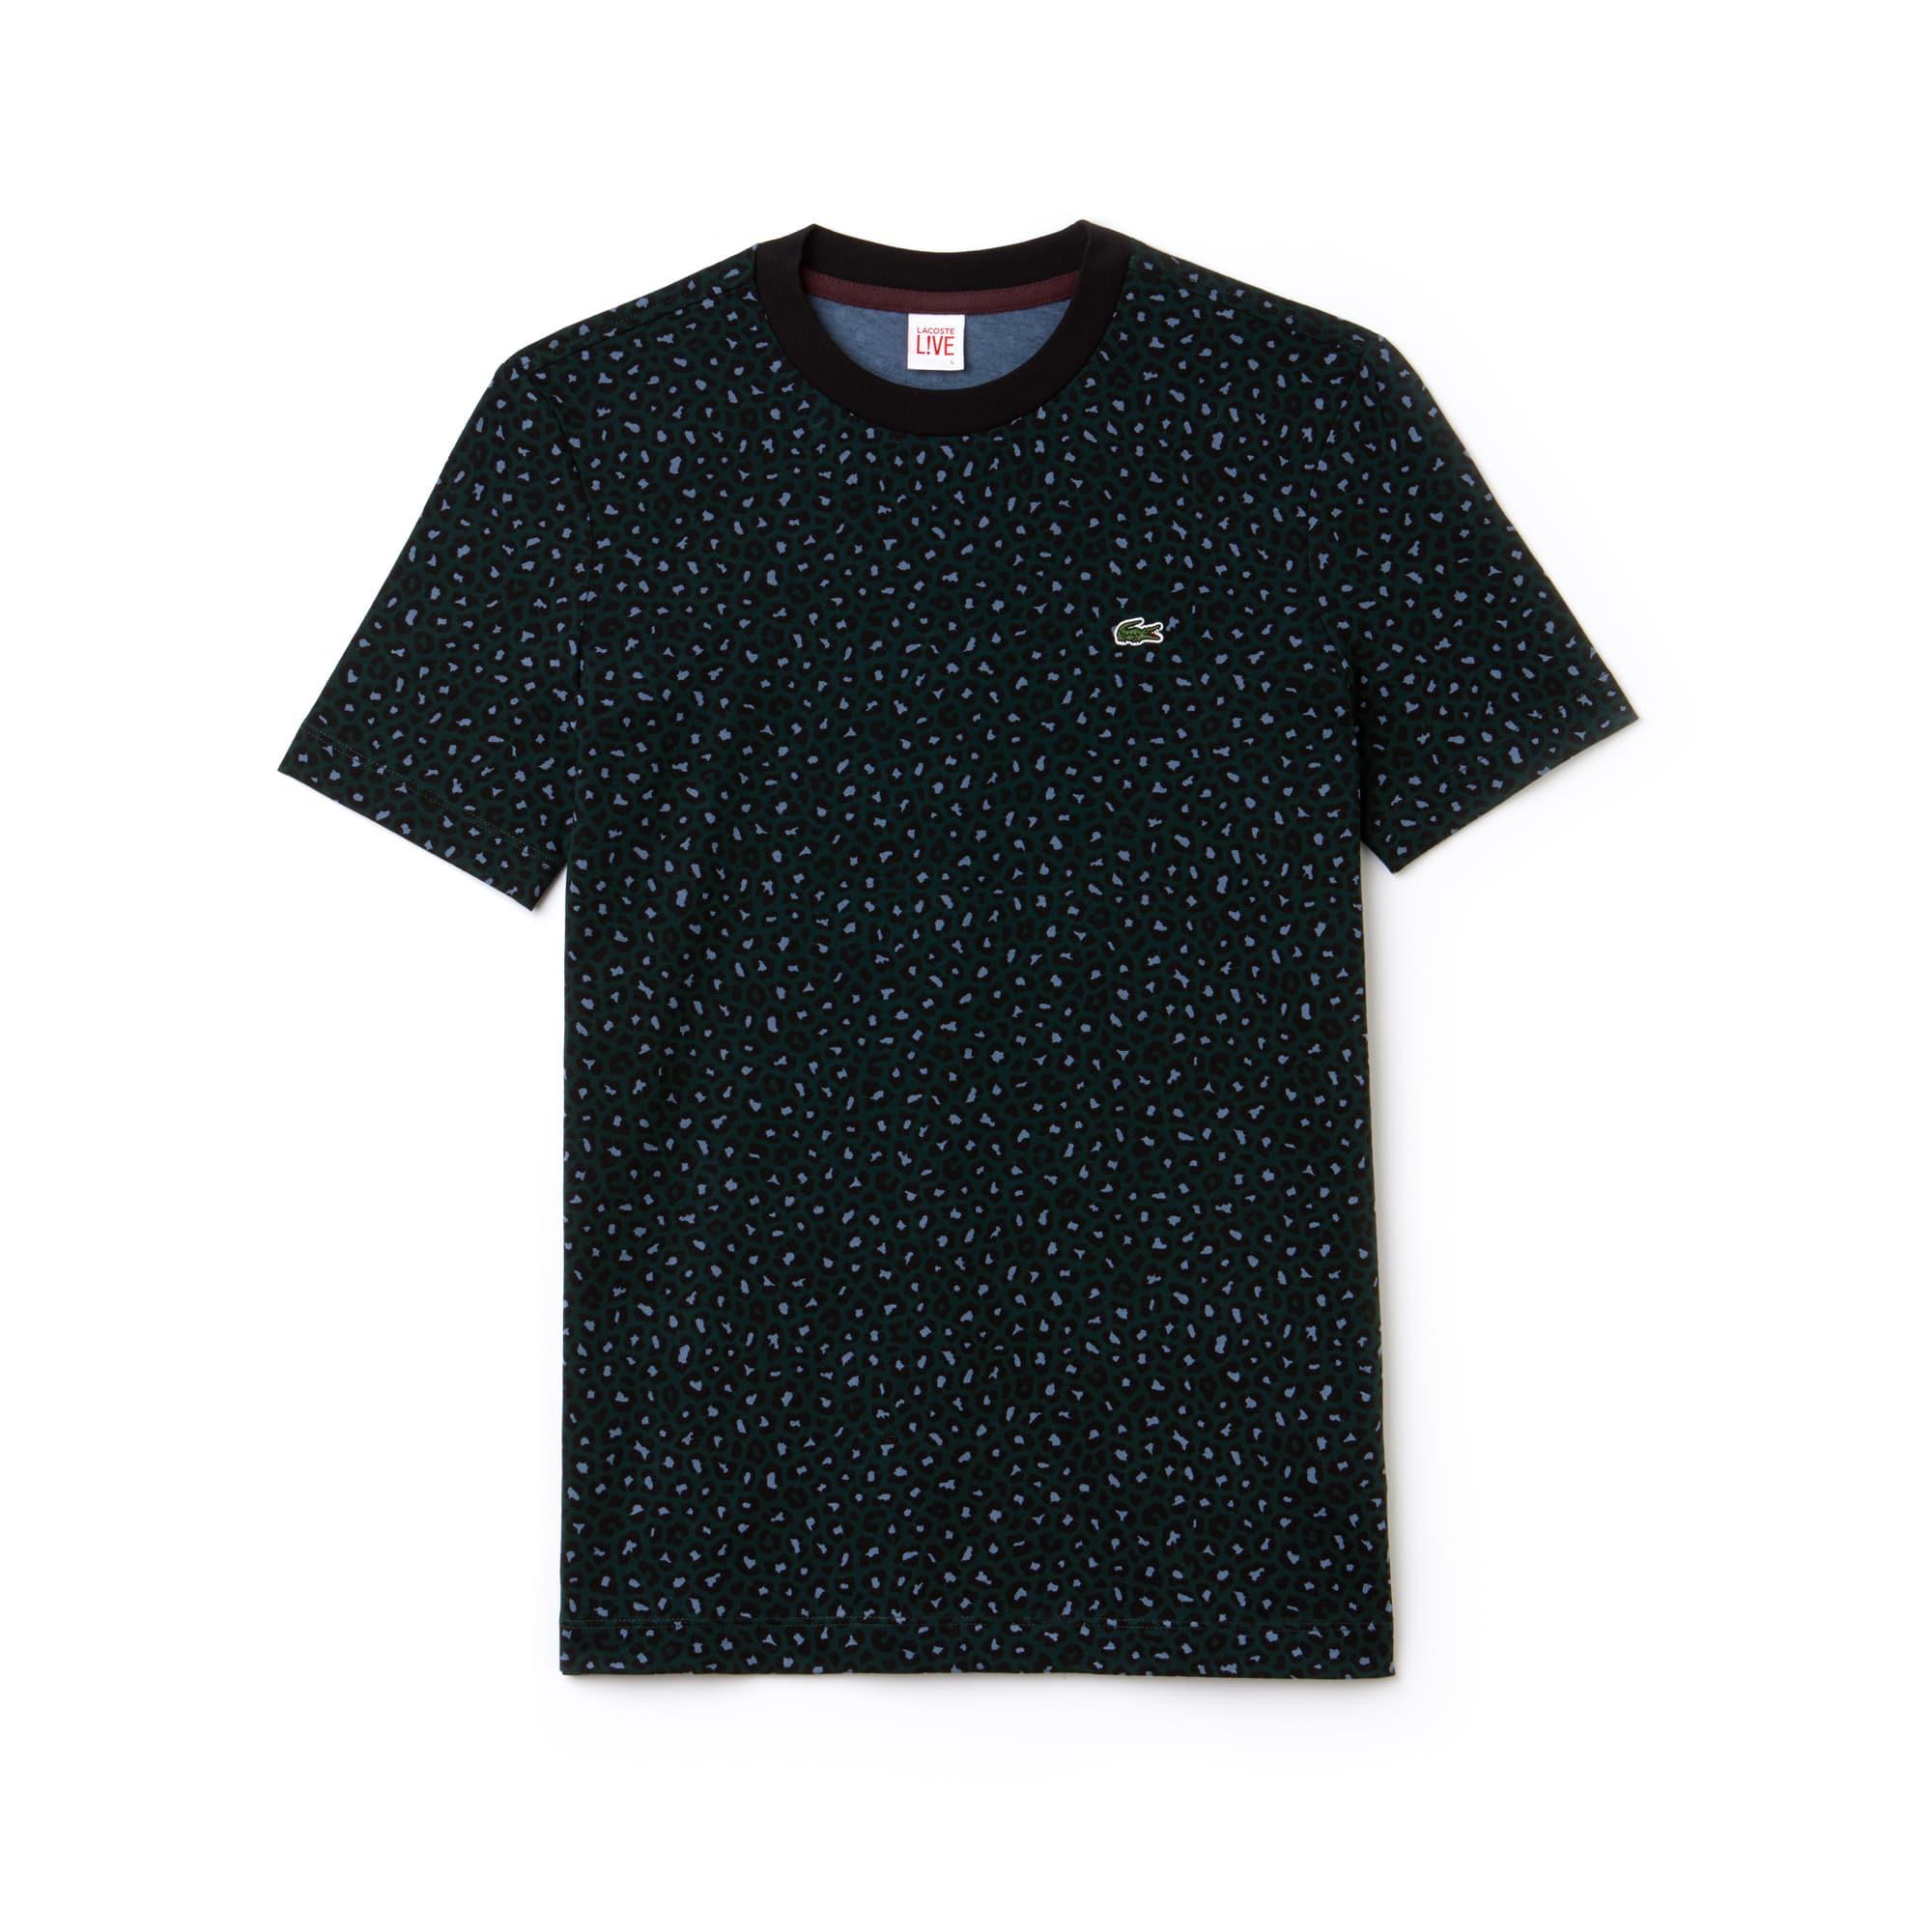 Women's LIVE Crew Neck Leopard Print Jersey T-shirt